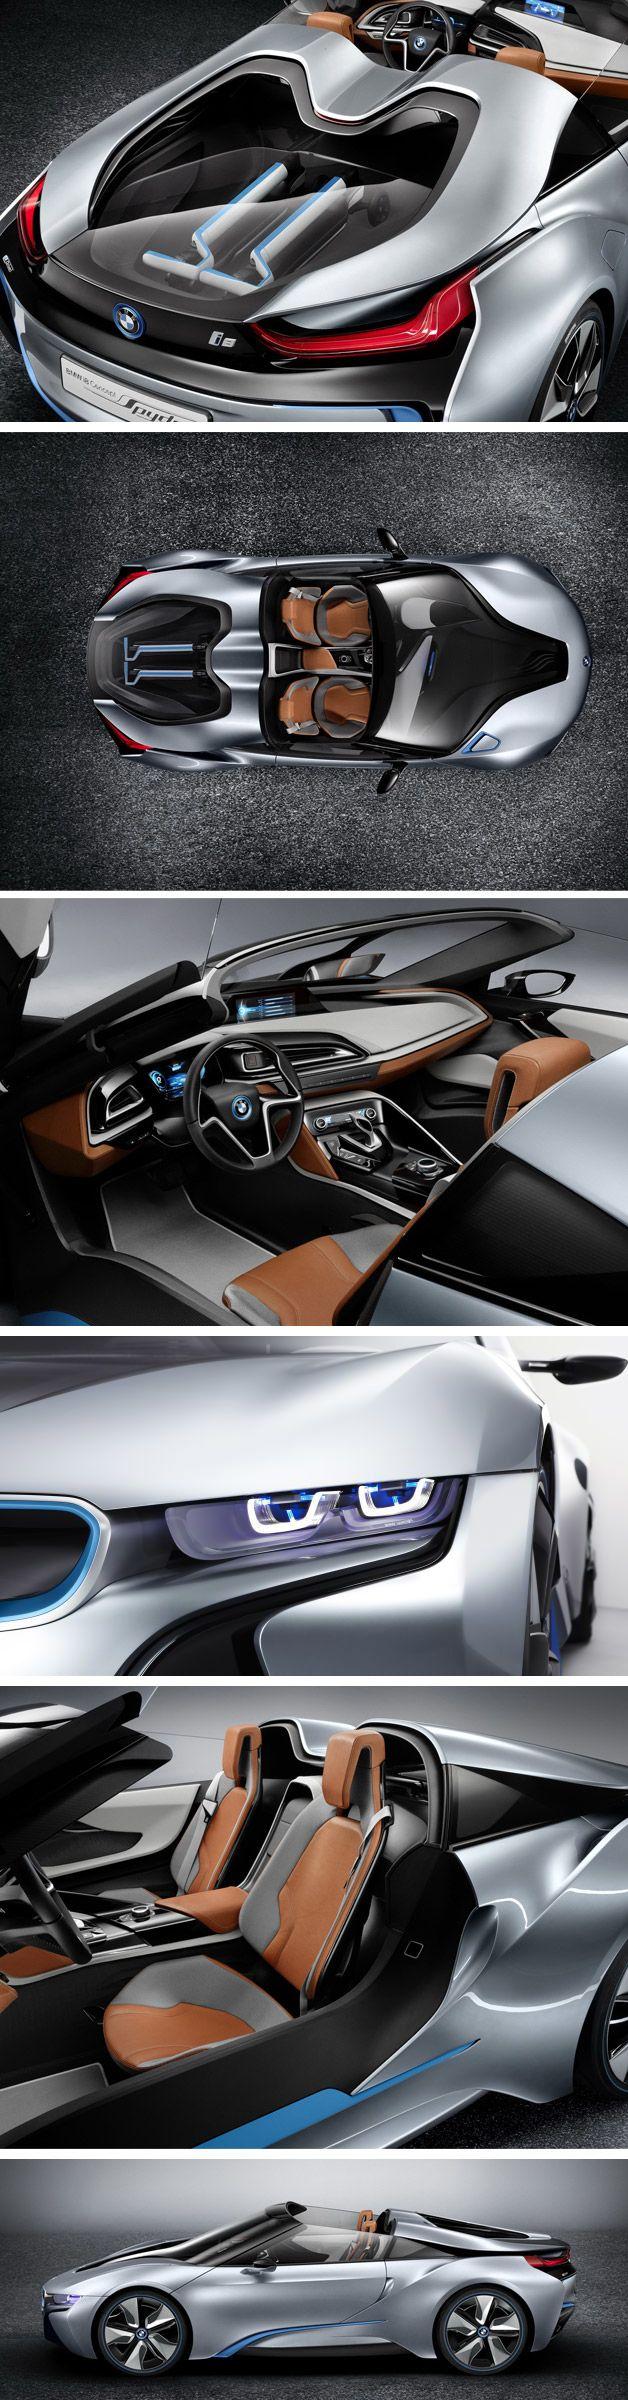 BMW Hybrid i8 Spyder – Novo carro conceito da BMW